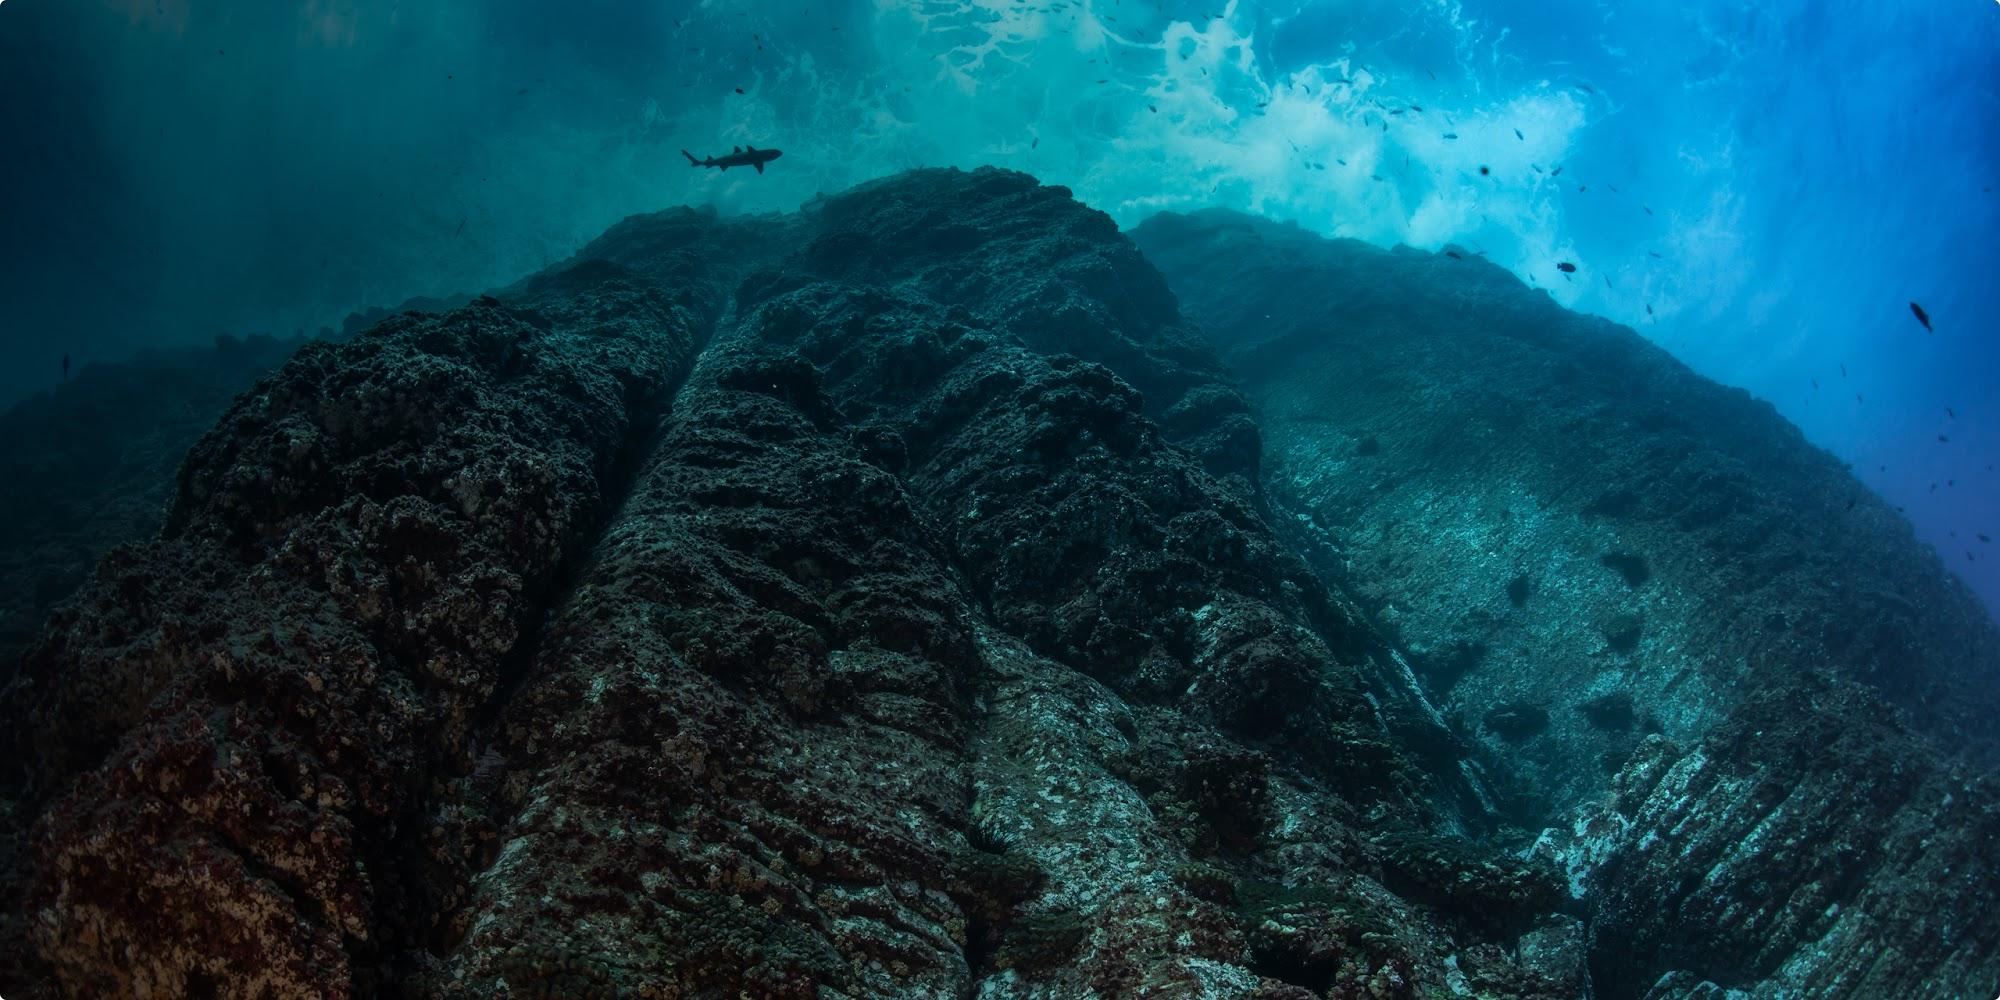 相片:鯊魚和魚群在礁石附近游動